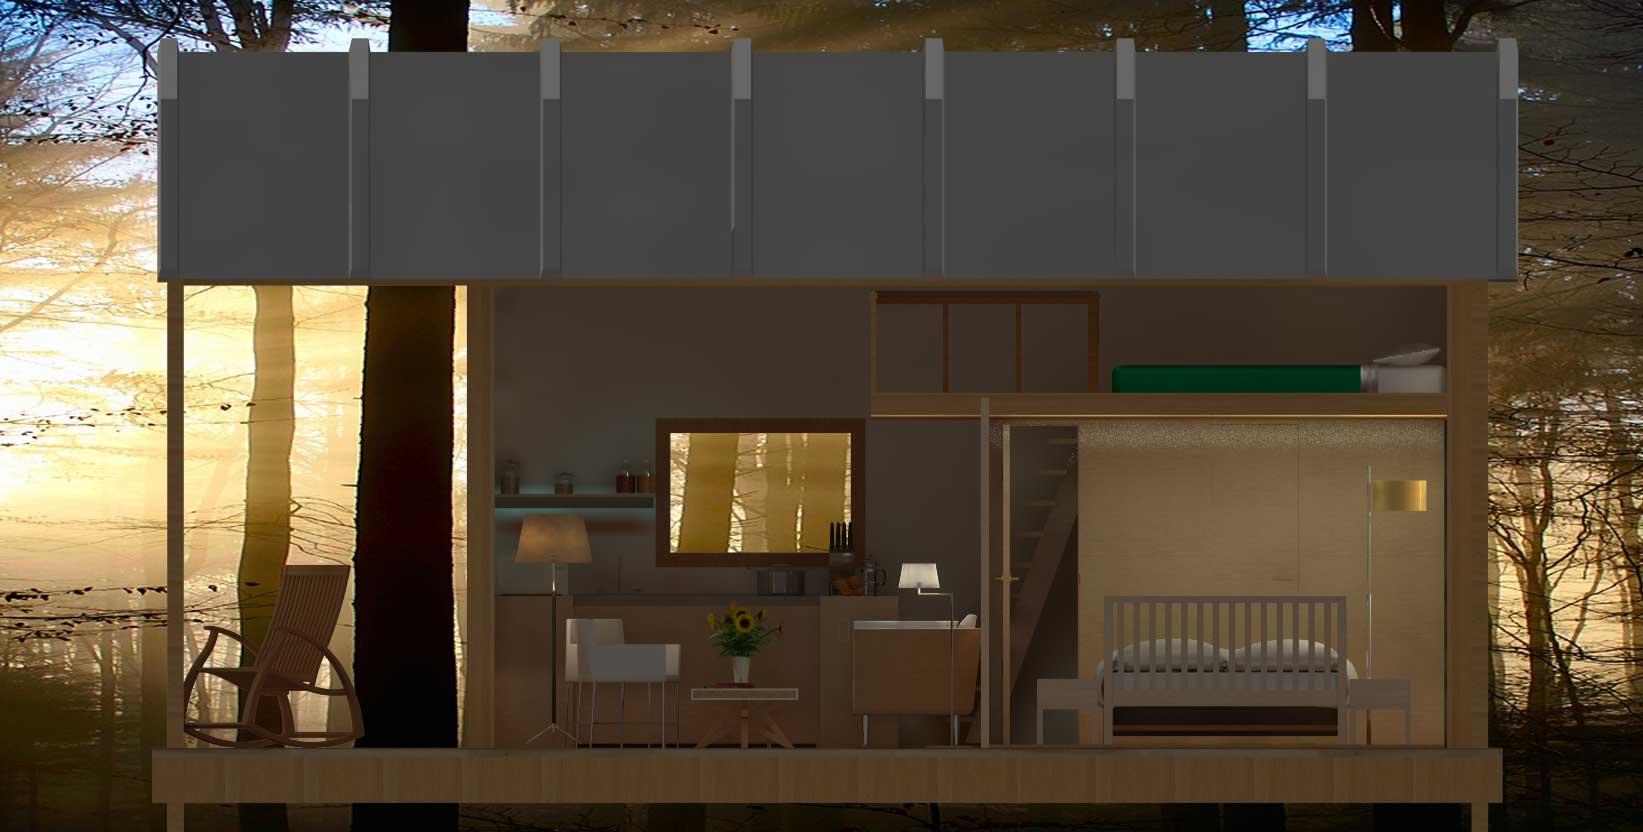 cabane hll exoscab 4 mezzanine de nuit